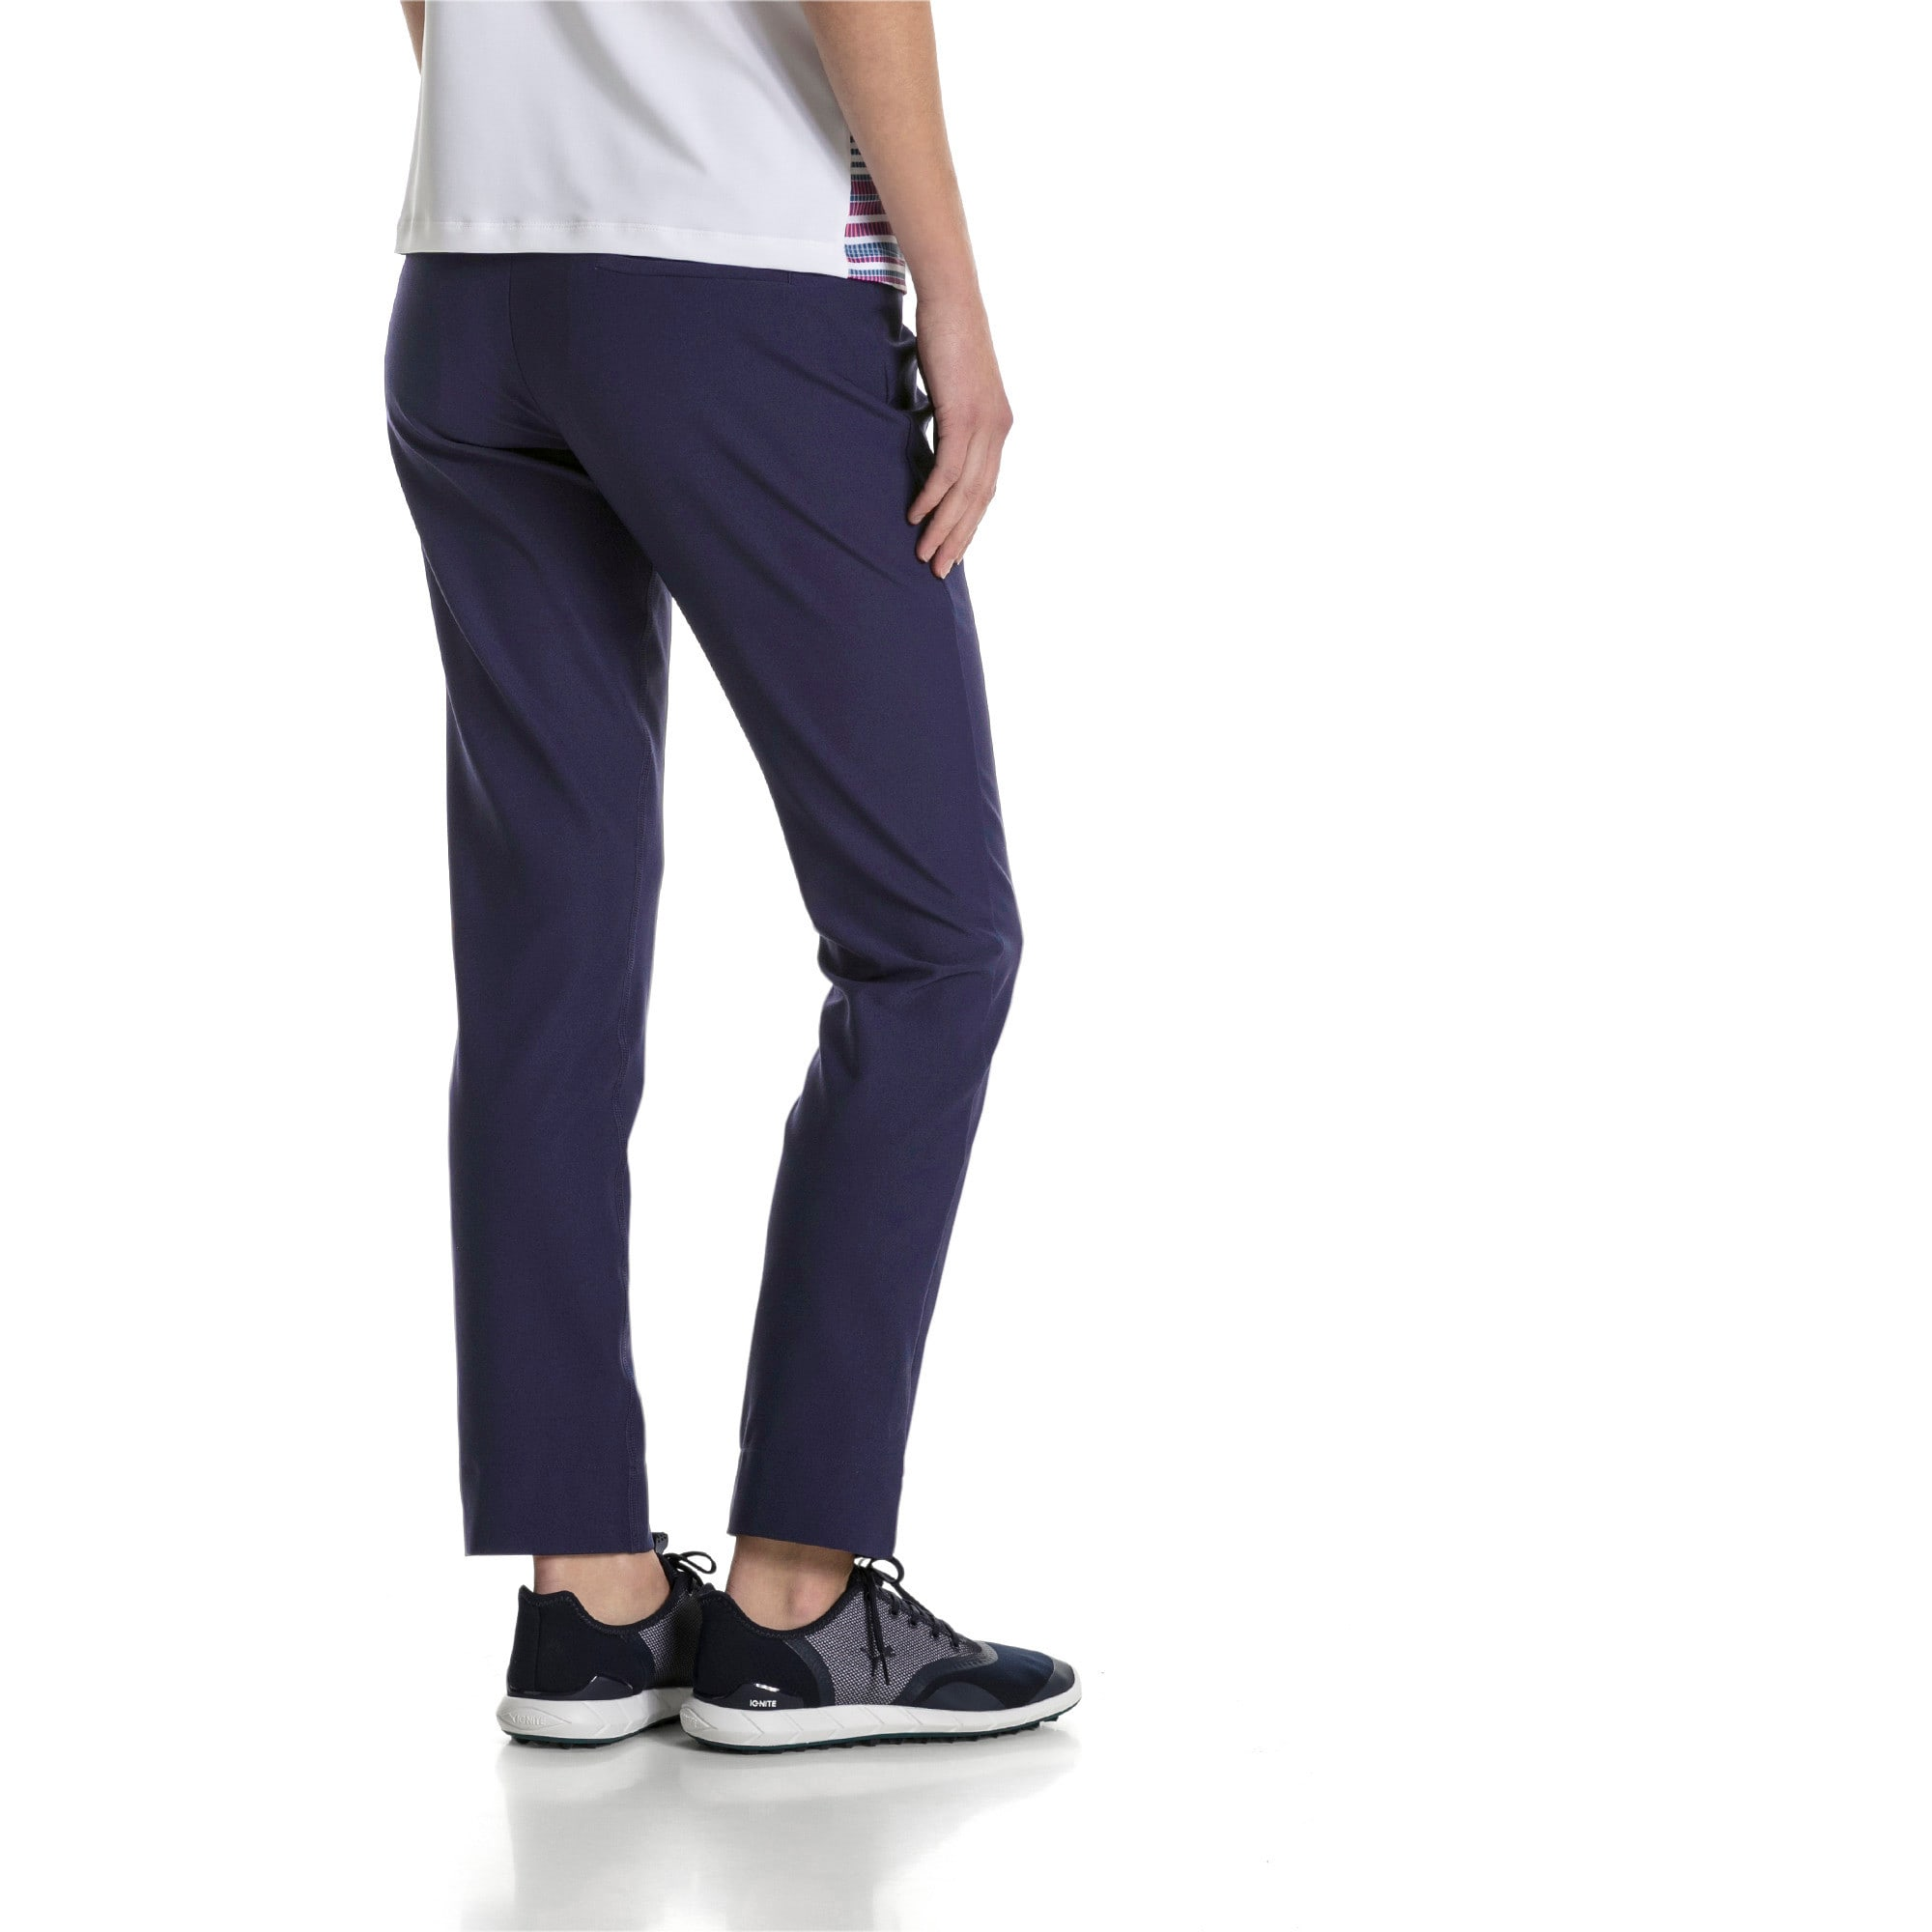 Thumbnail 2 of Golf - PWRSHAPE broek met elastische taille voor dames, Peacoat, medium